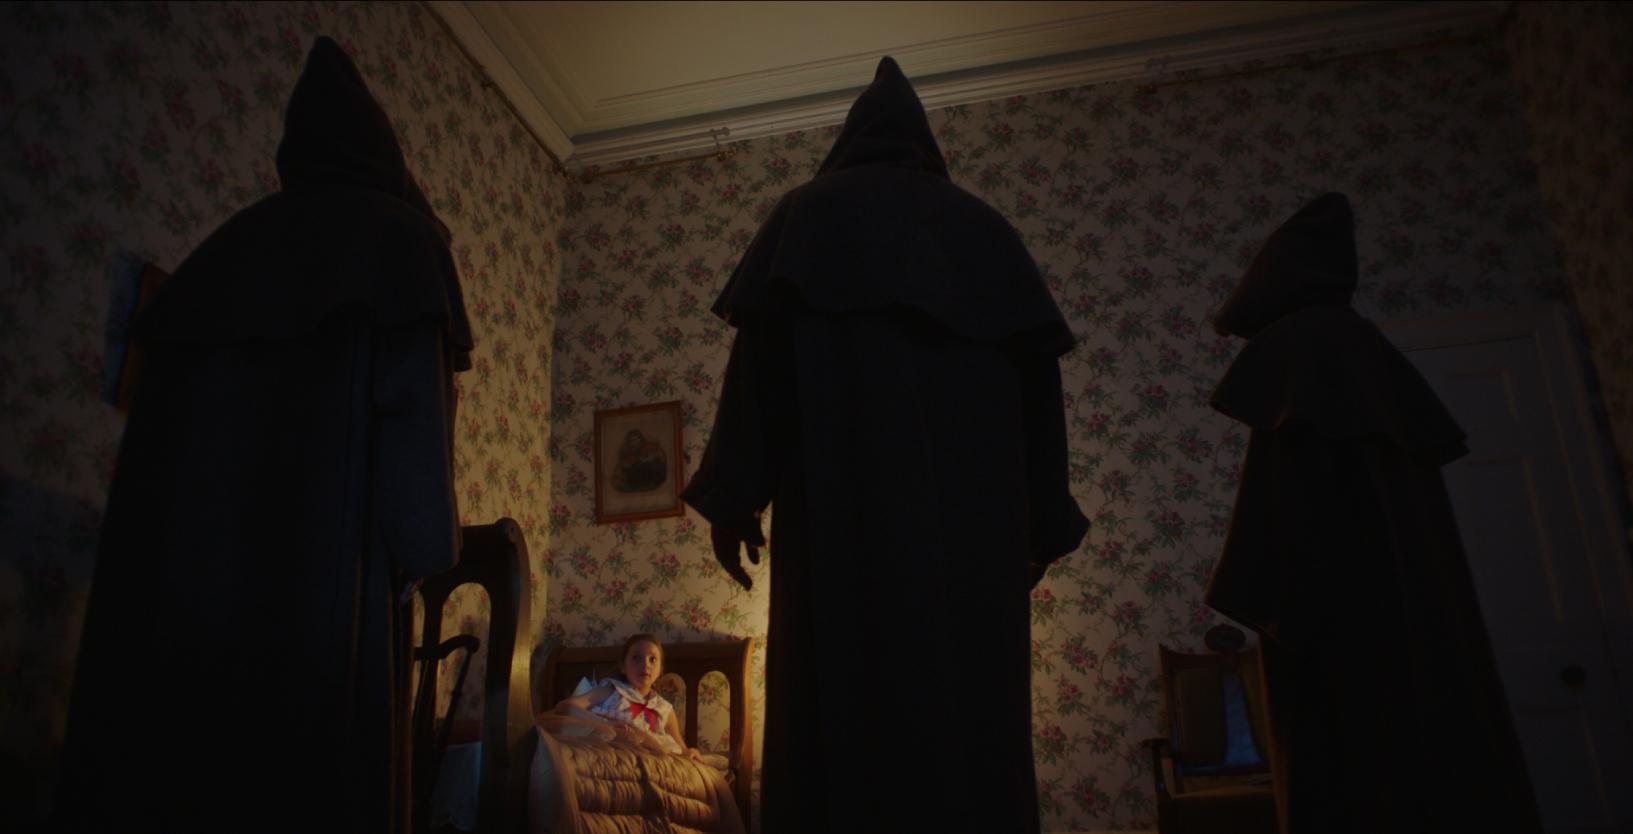 кадр из фильма Проклятие: Призраки дома Борли